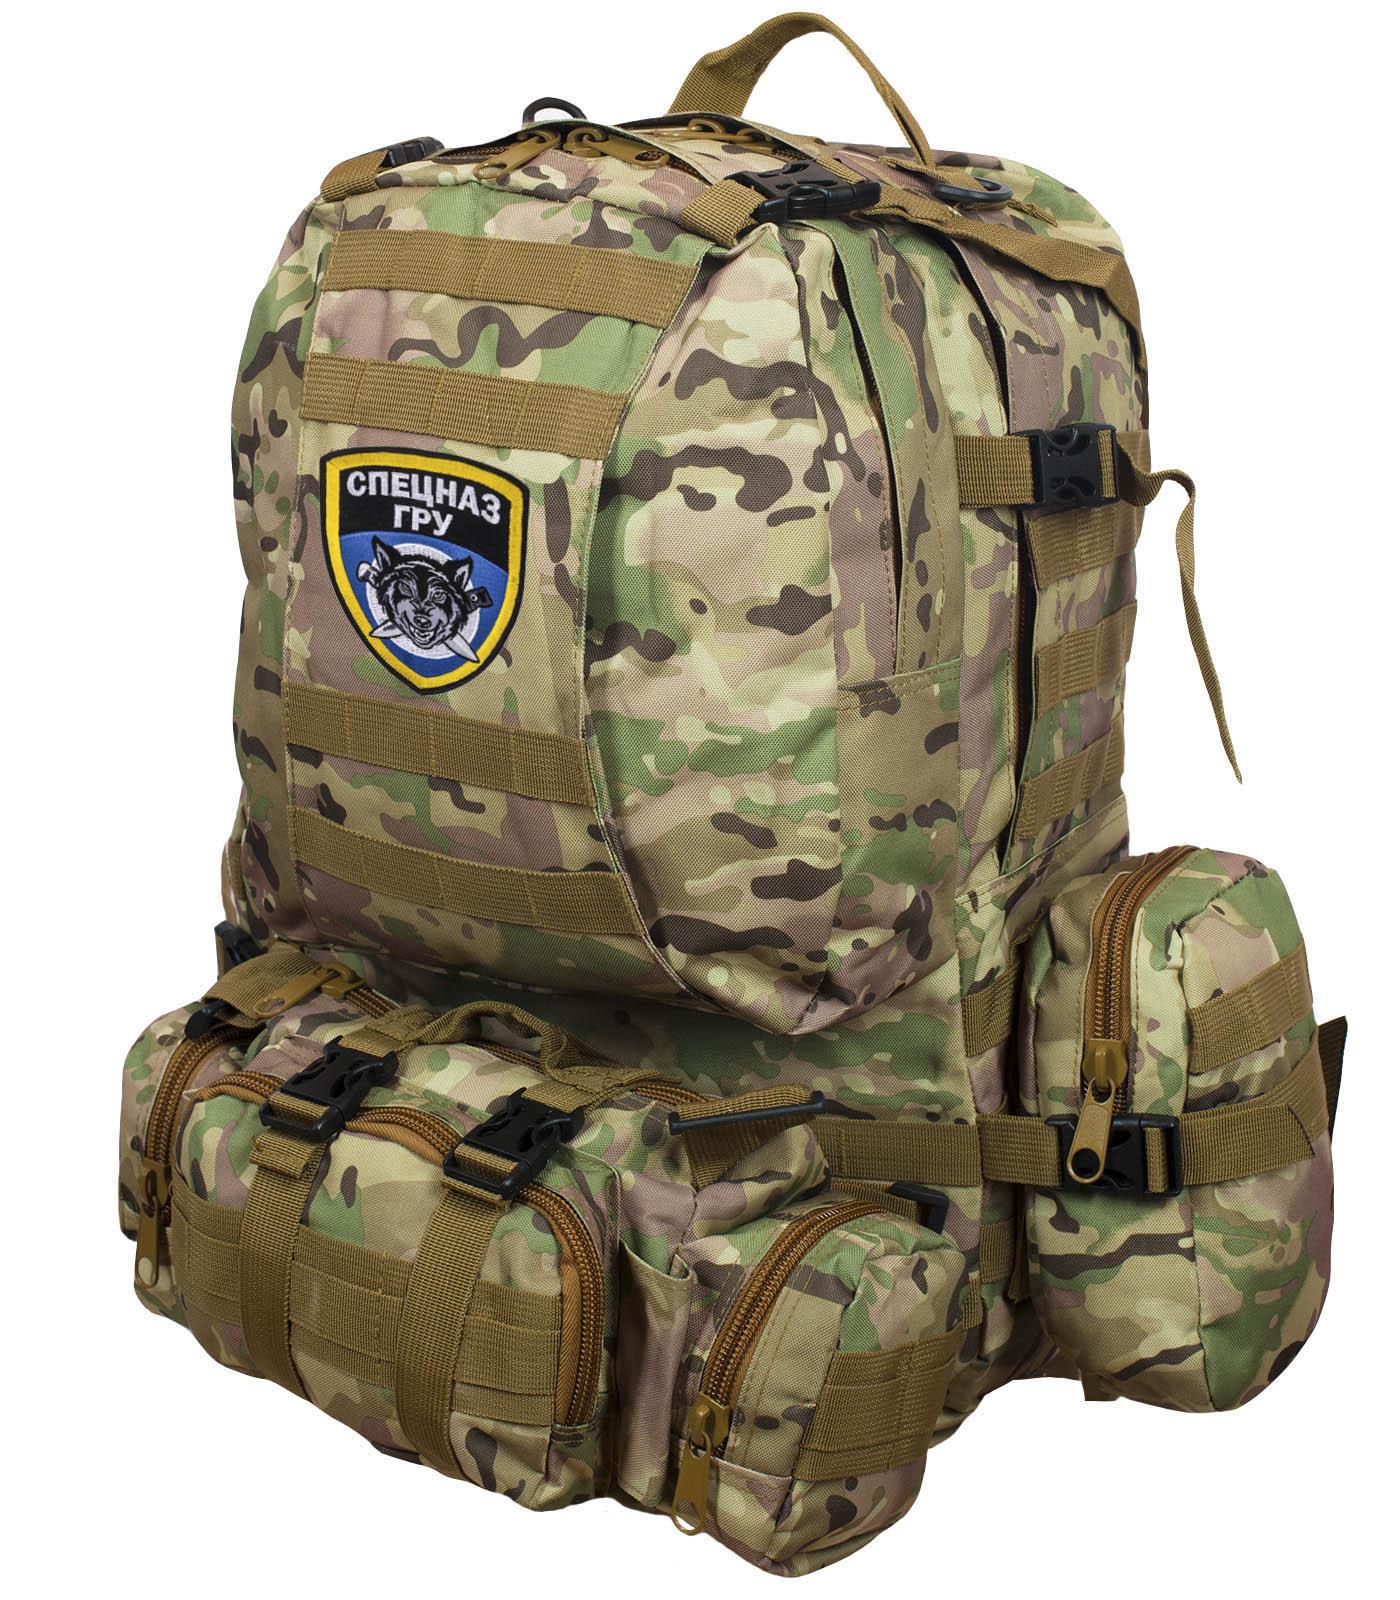 Тактическое снаряжение ГРУ – сумки, рюкзаки, чехлы для фляг